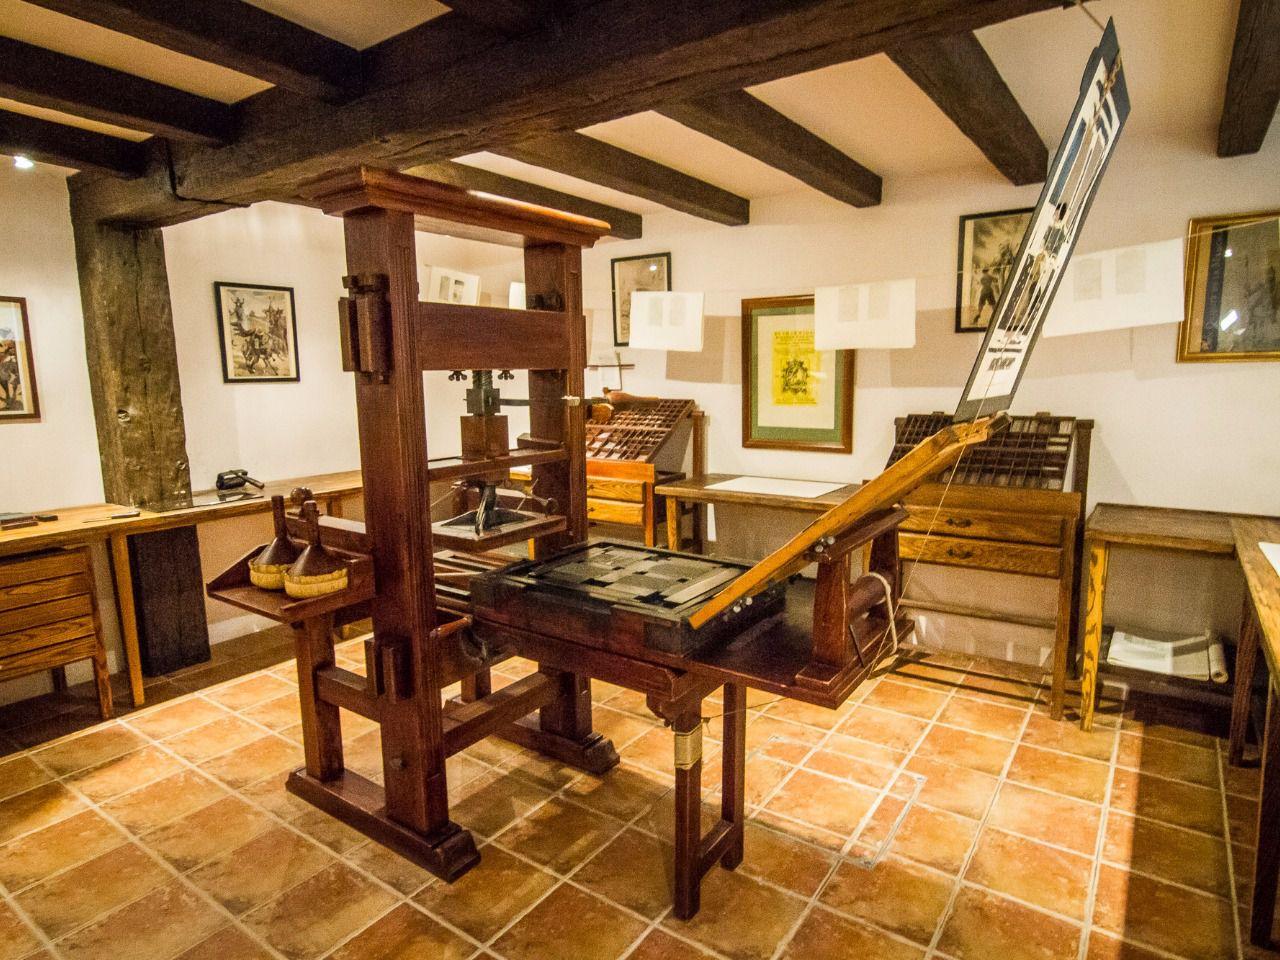 La imprenta de el quijote en el centro de madrid - Hotel el quijote madrid ...